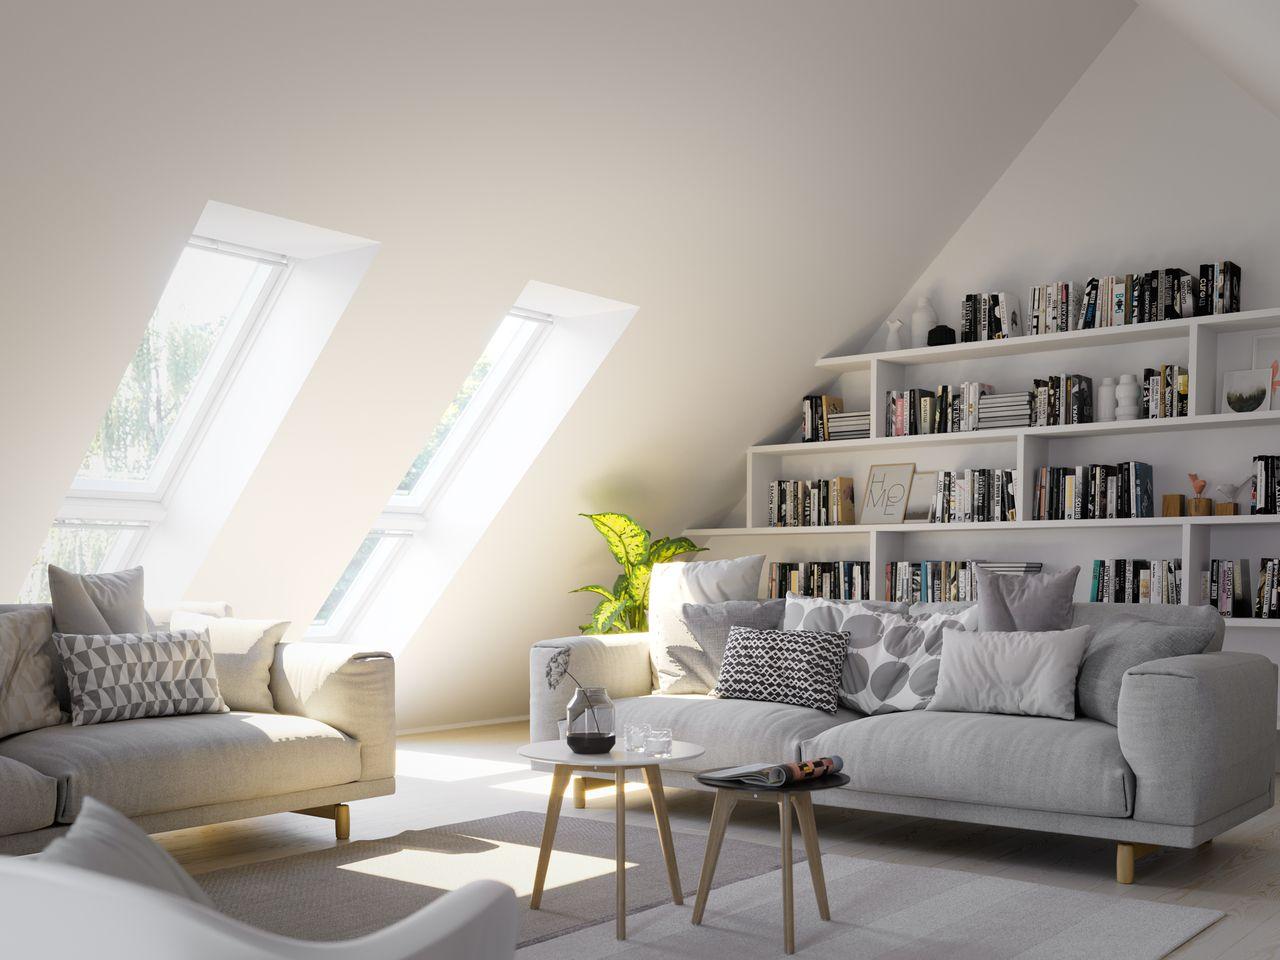 Stilvolles Wohnzimmer mit viel Tageslicht dank VELUX Fenstern ...